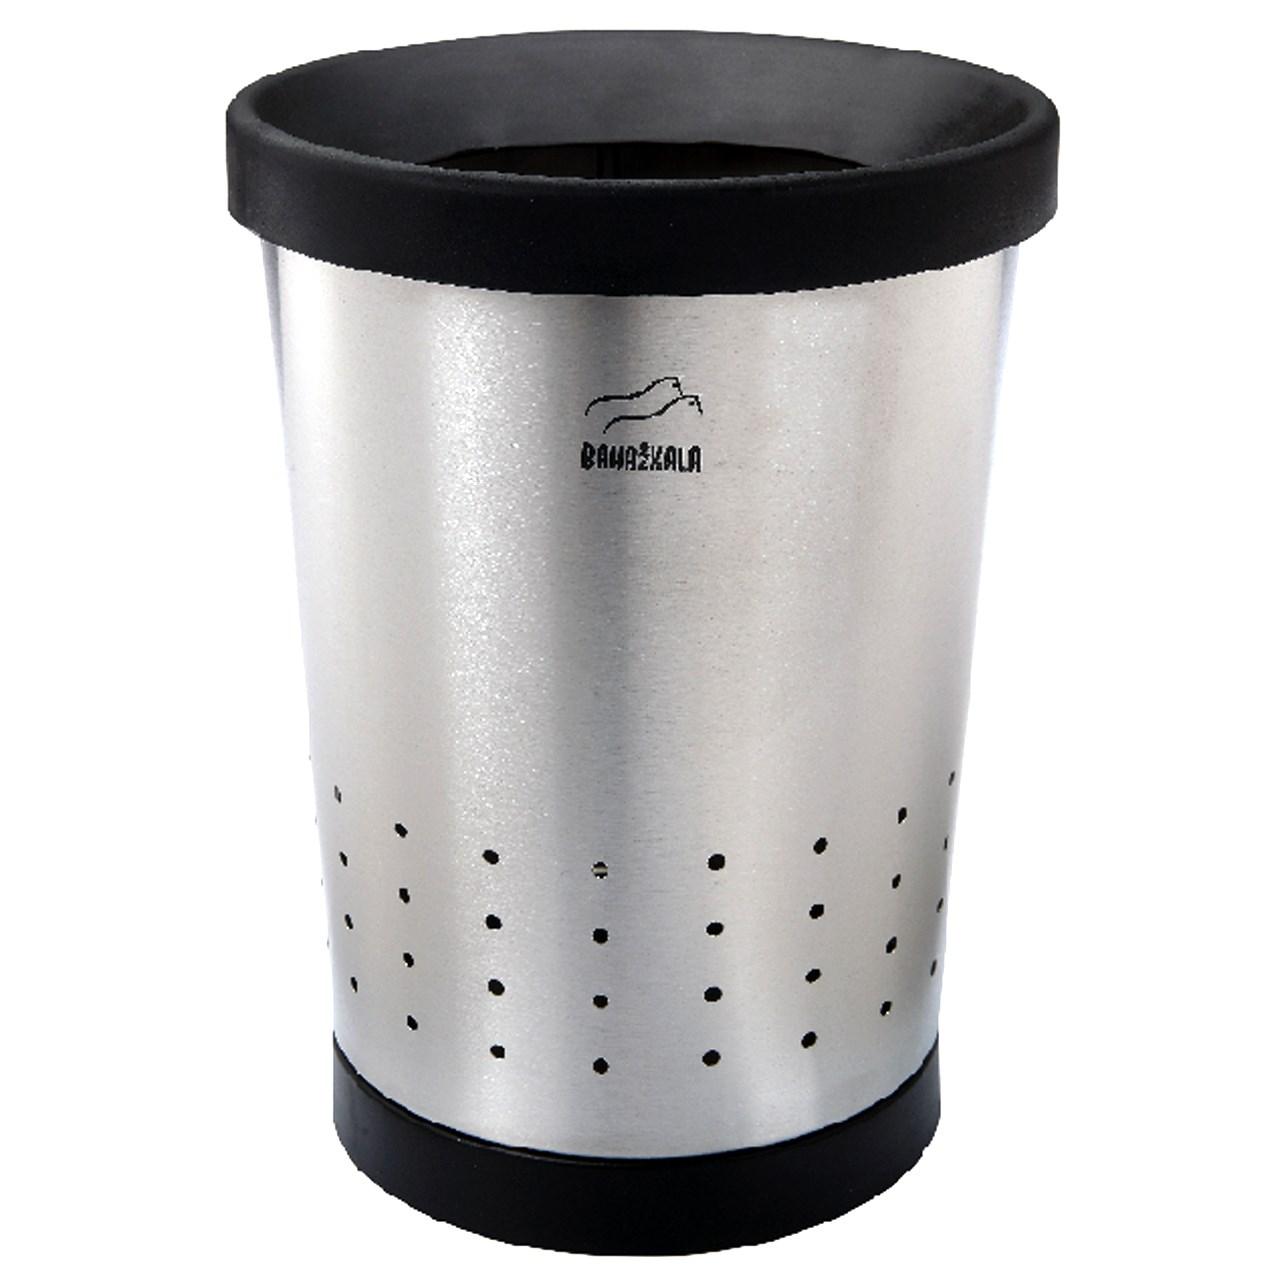 سطل زباله بهازکالا کد 16072070